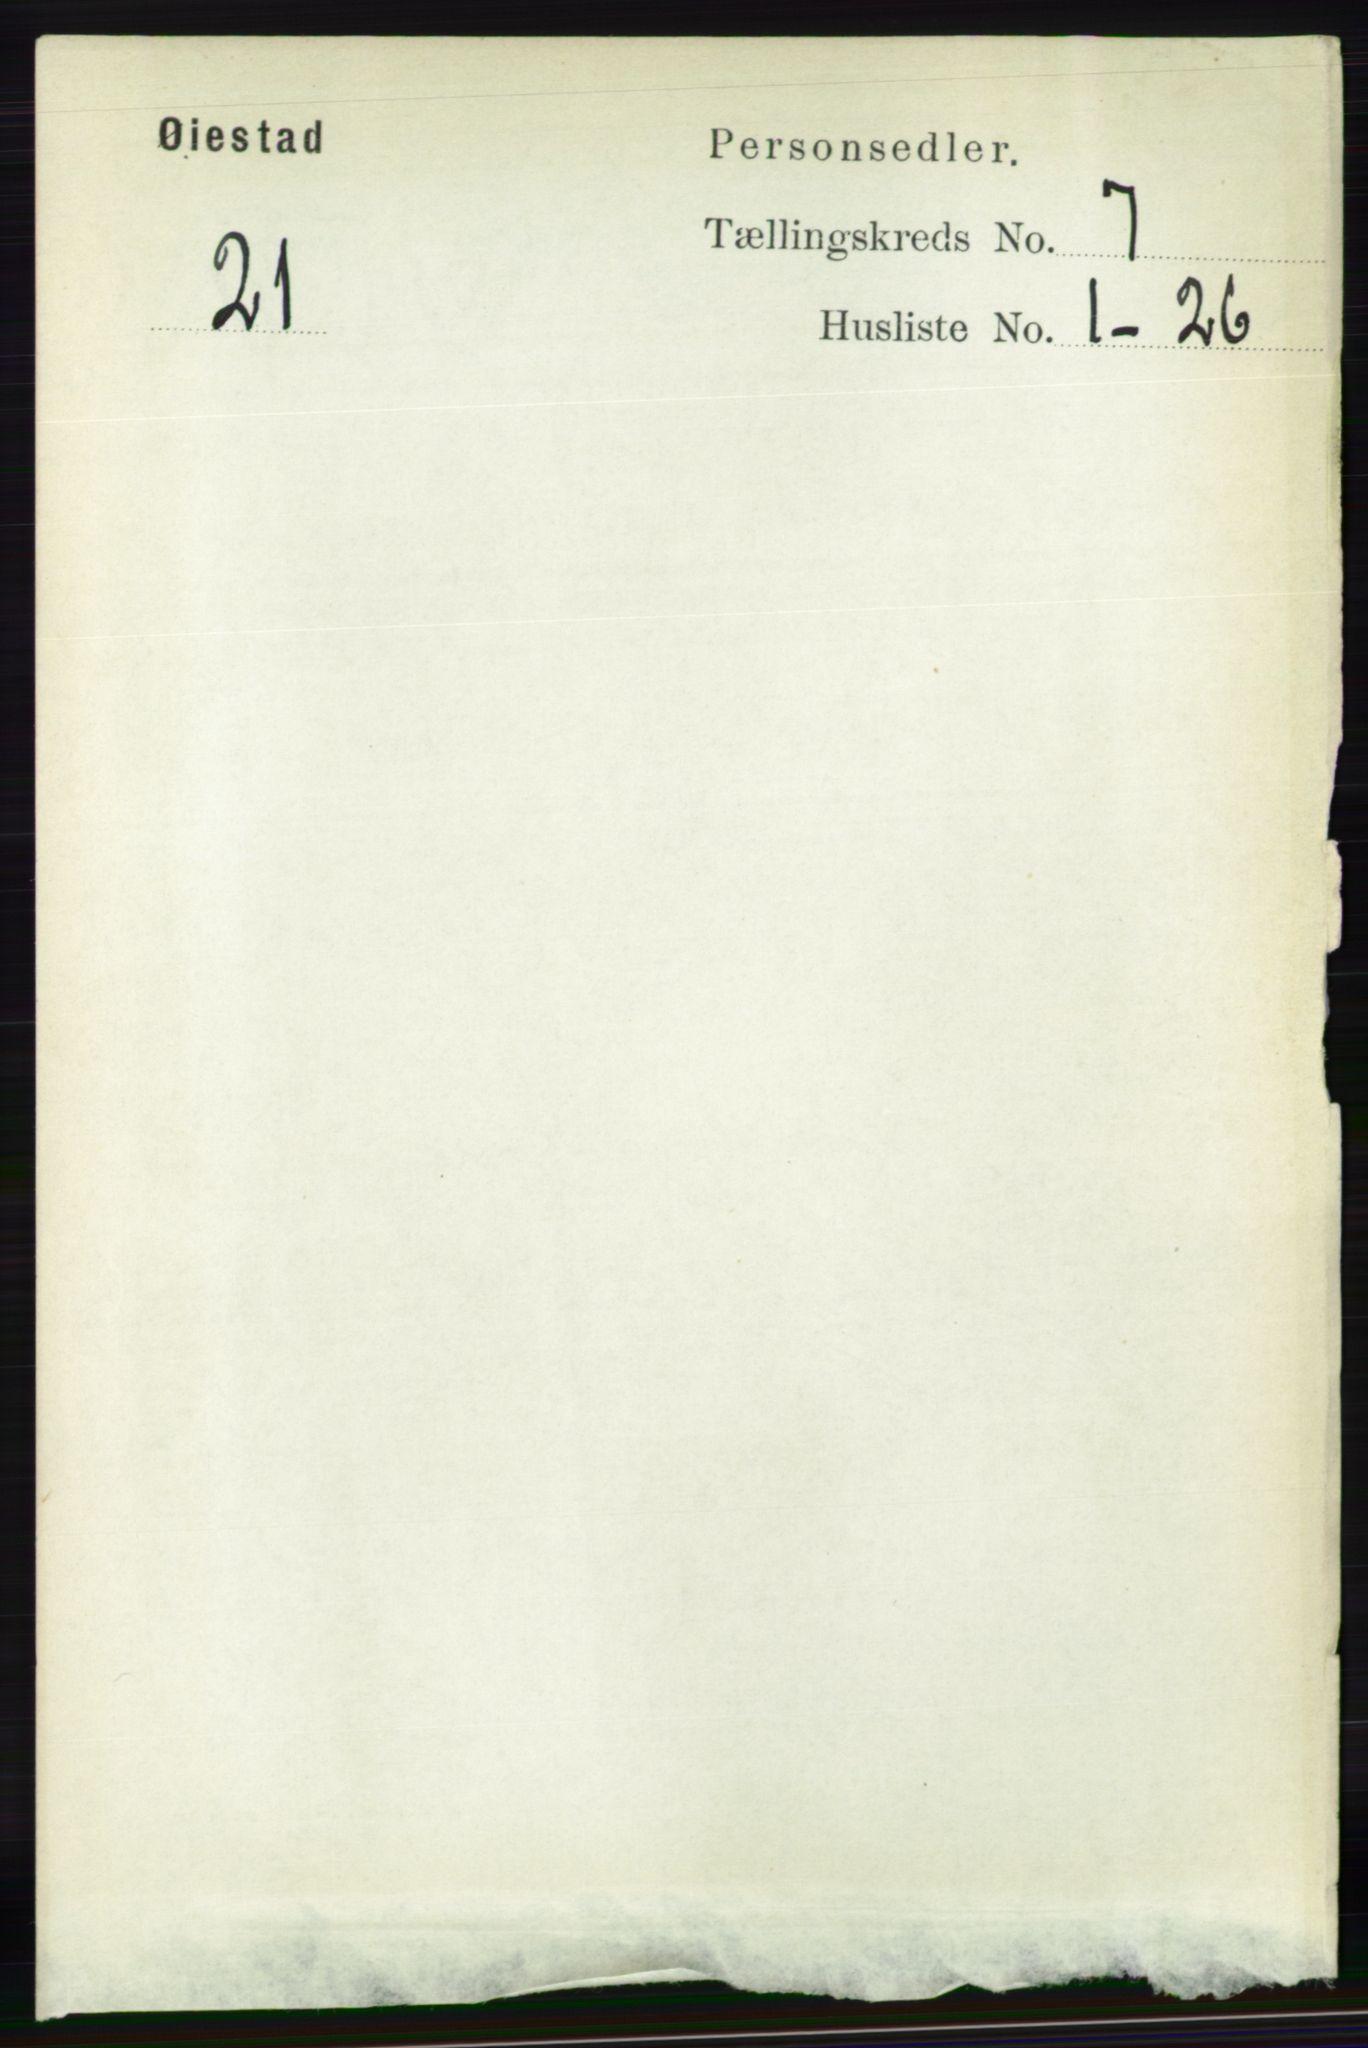 RA, Folketelling 1891 for 0920 Øyestad herred, 1891, s. 2654